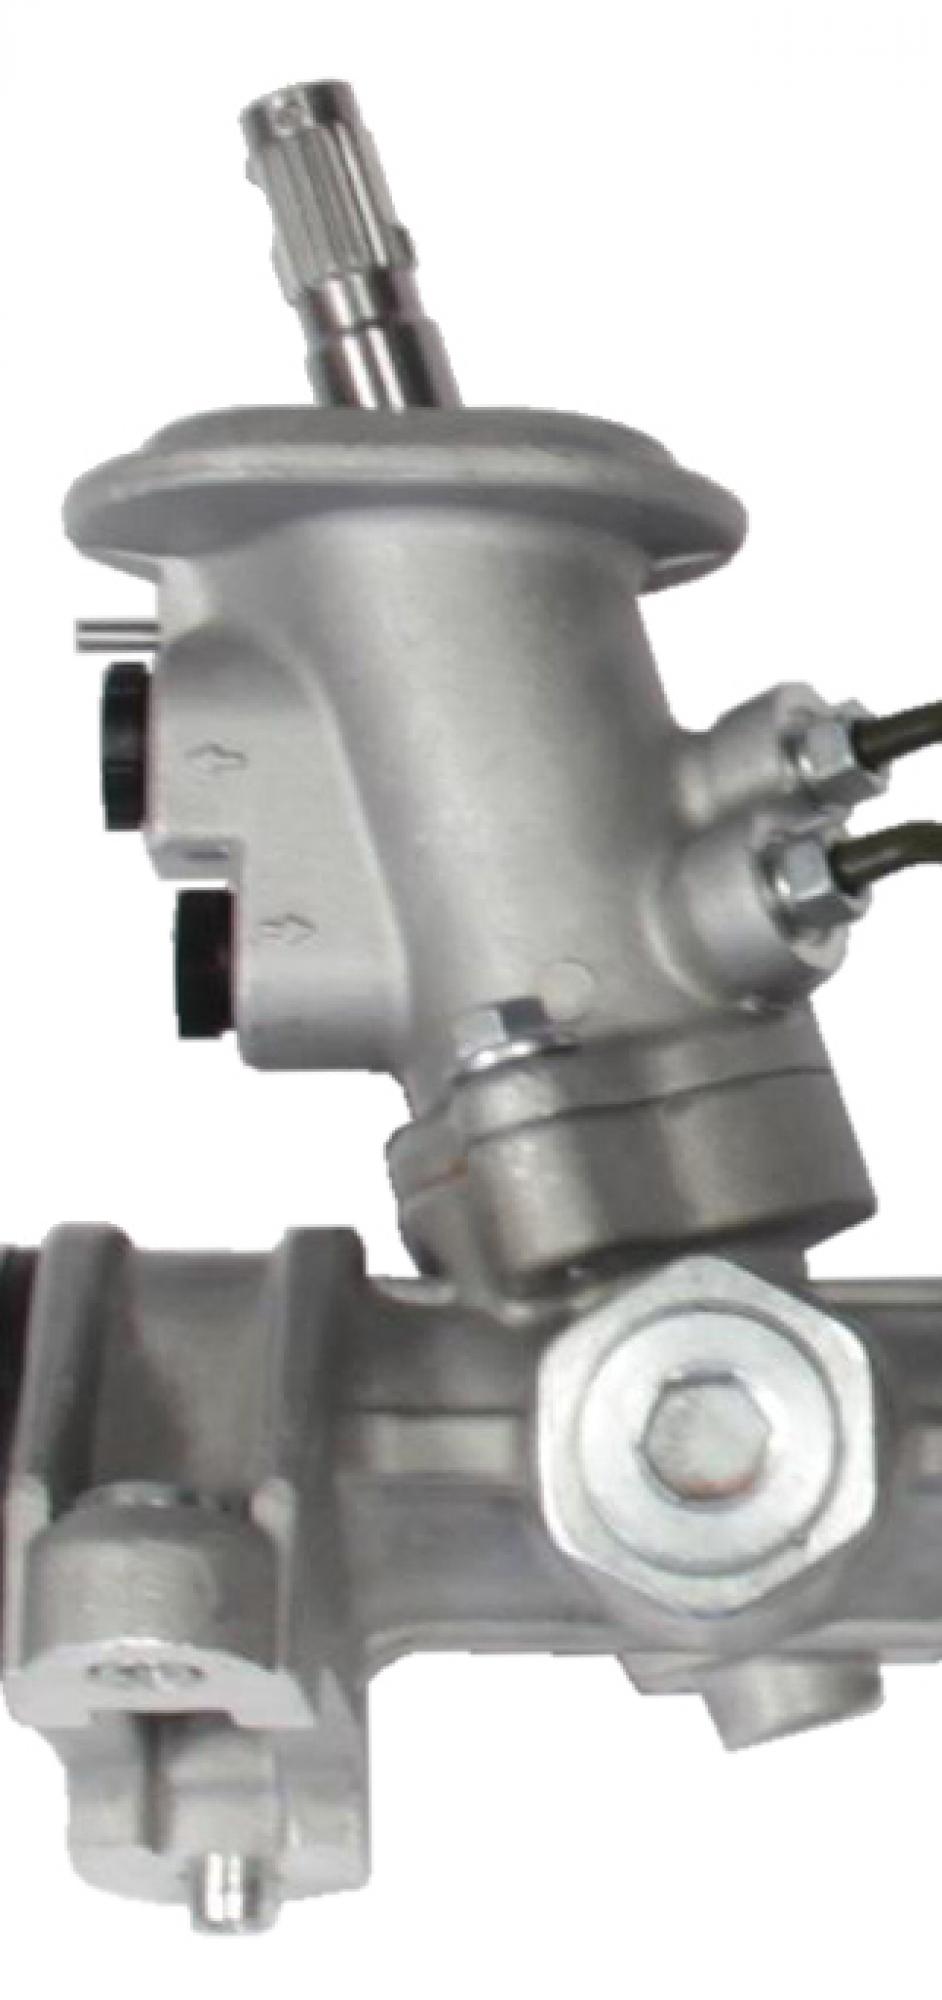 MAPCO 29806 Lenkgetriebe + Axialgelenk + Spurstangenköpfen für VW Golf 4 1J1422105*